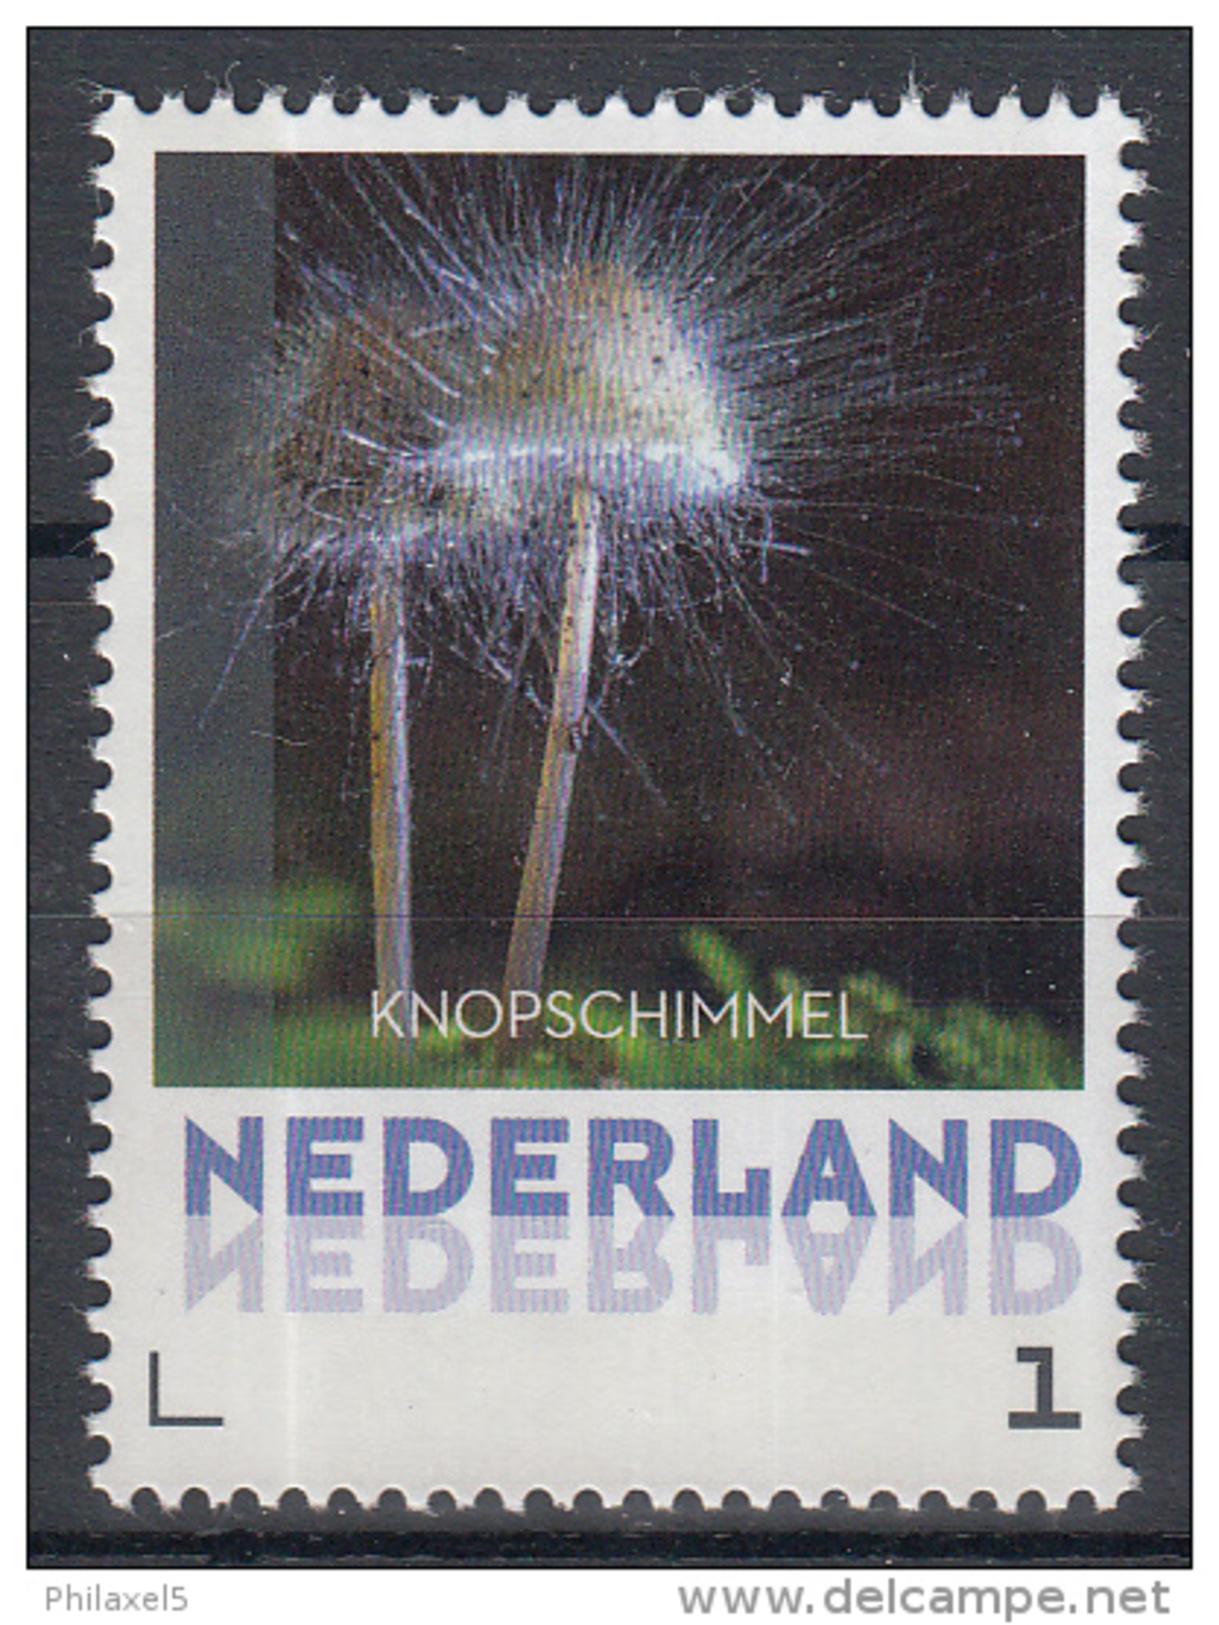 Nederland - 8 September 2015 - Paddestoelen/Pfilzen/Mushrooms - Knopschimmel - MNH - Pilze